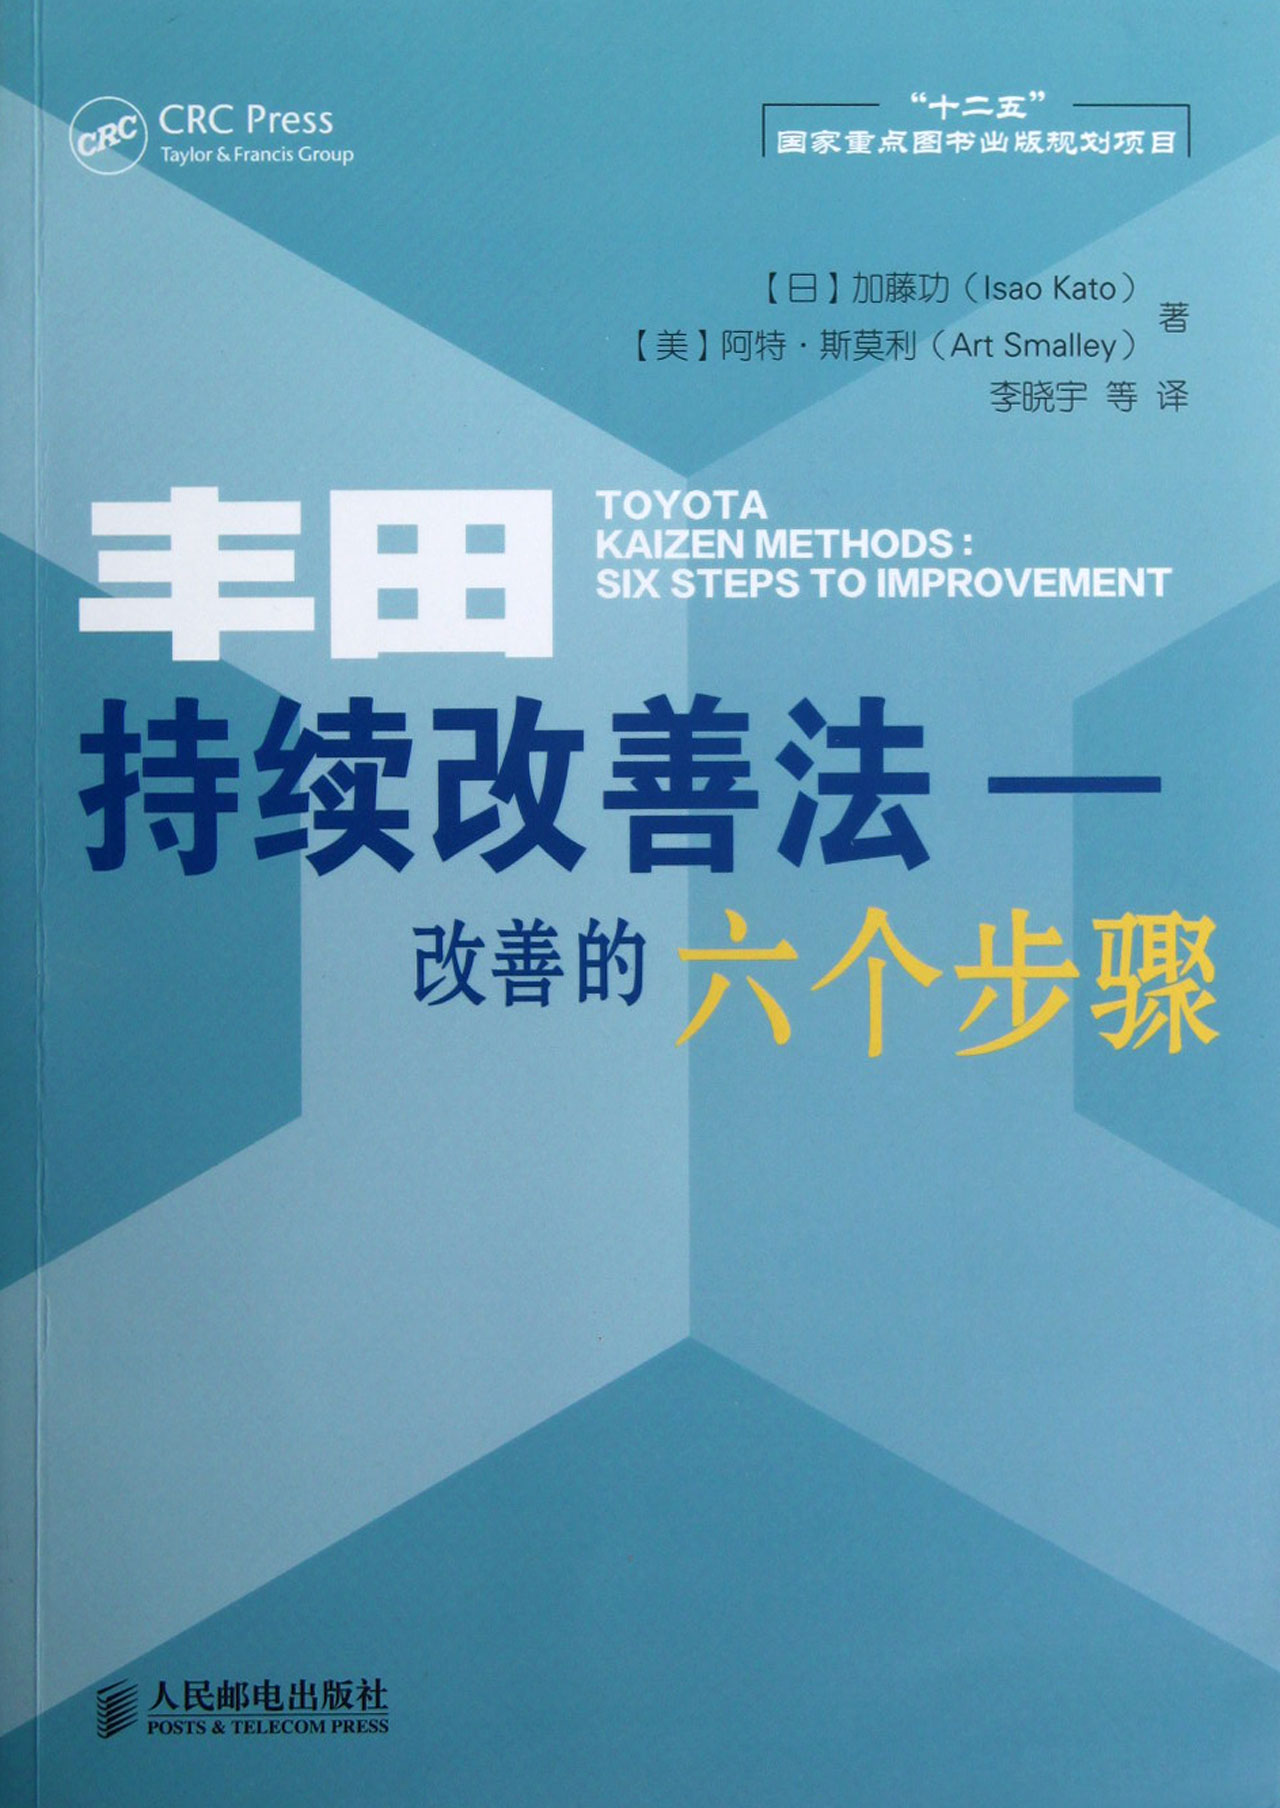 加藤功,日本丰田汽车公司退休的一名管理者。在1993年创办自己的咨询公司之前,加藤功在丰田公司的各种岗位上工作了33年直至退休。在其任职期间,加藤曾从事过设备维护、人力资源开发、教育、培训等工作,同时曾在丰田的运营管理咨询部从事指导工作。需要特别说明的是,加藤为丰田公司对海外企业进行丰田生产方式的培训和教育提供了很大的支持。在丰田内部,加藤专门从事丰田生产方式当中的物料编码工作。在对丰田公司进行的一线主管技能培训当中,加藤担任有关物料的工作说明、工作关系以及工作方法的主培训师。在大野